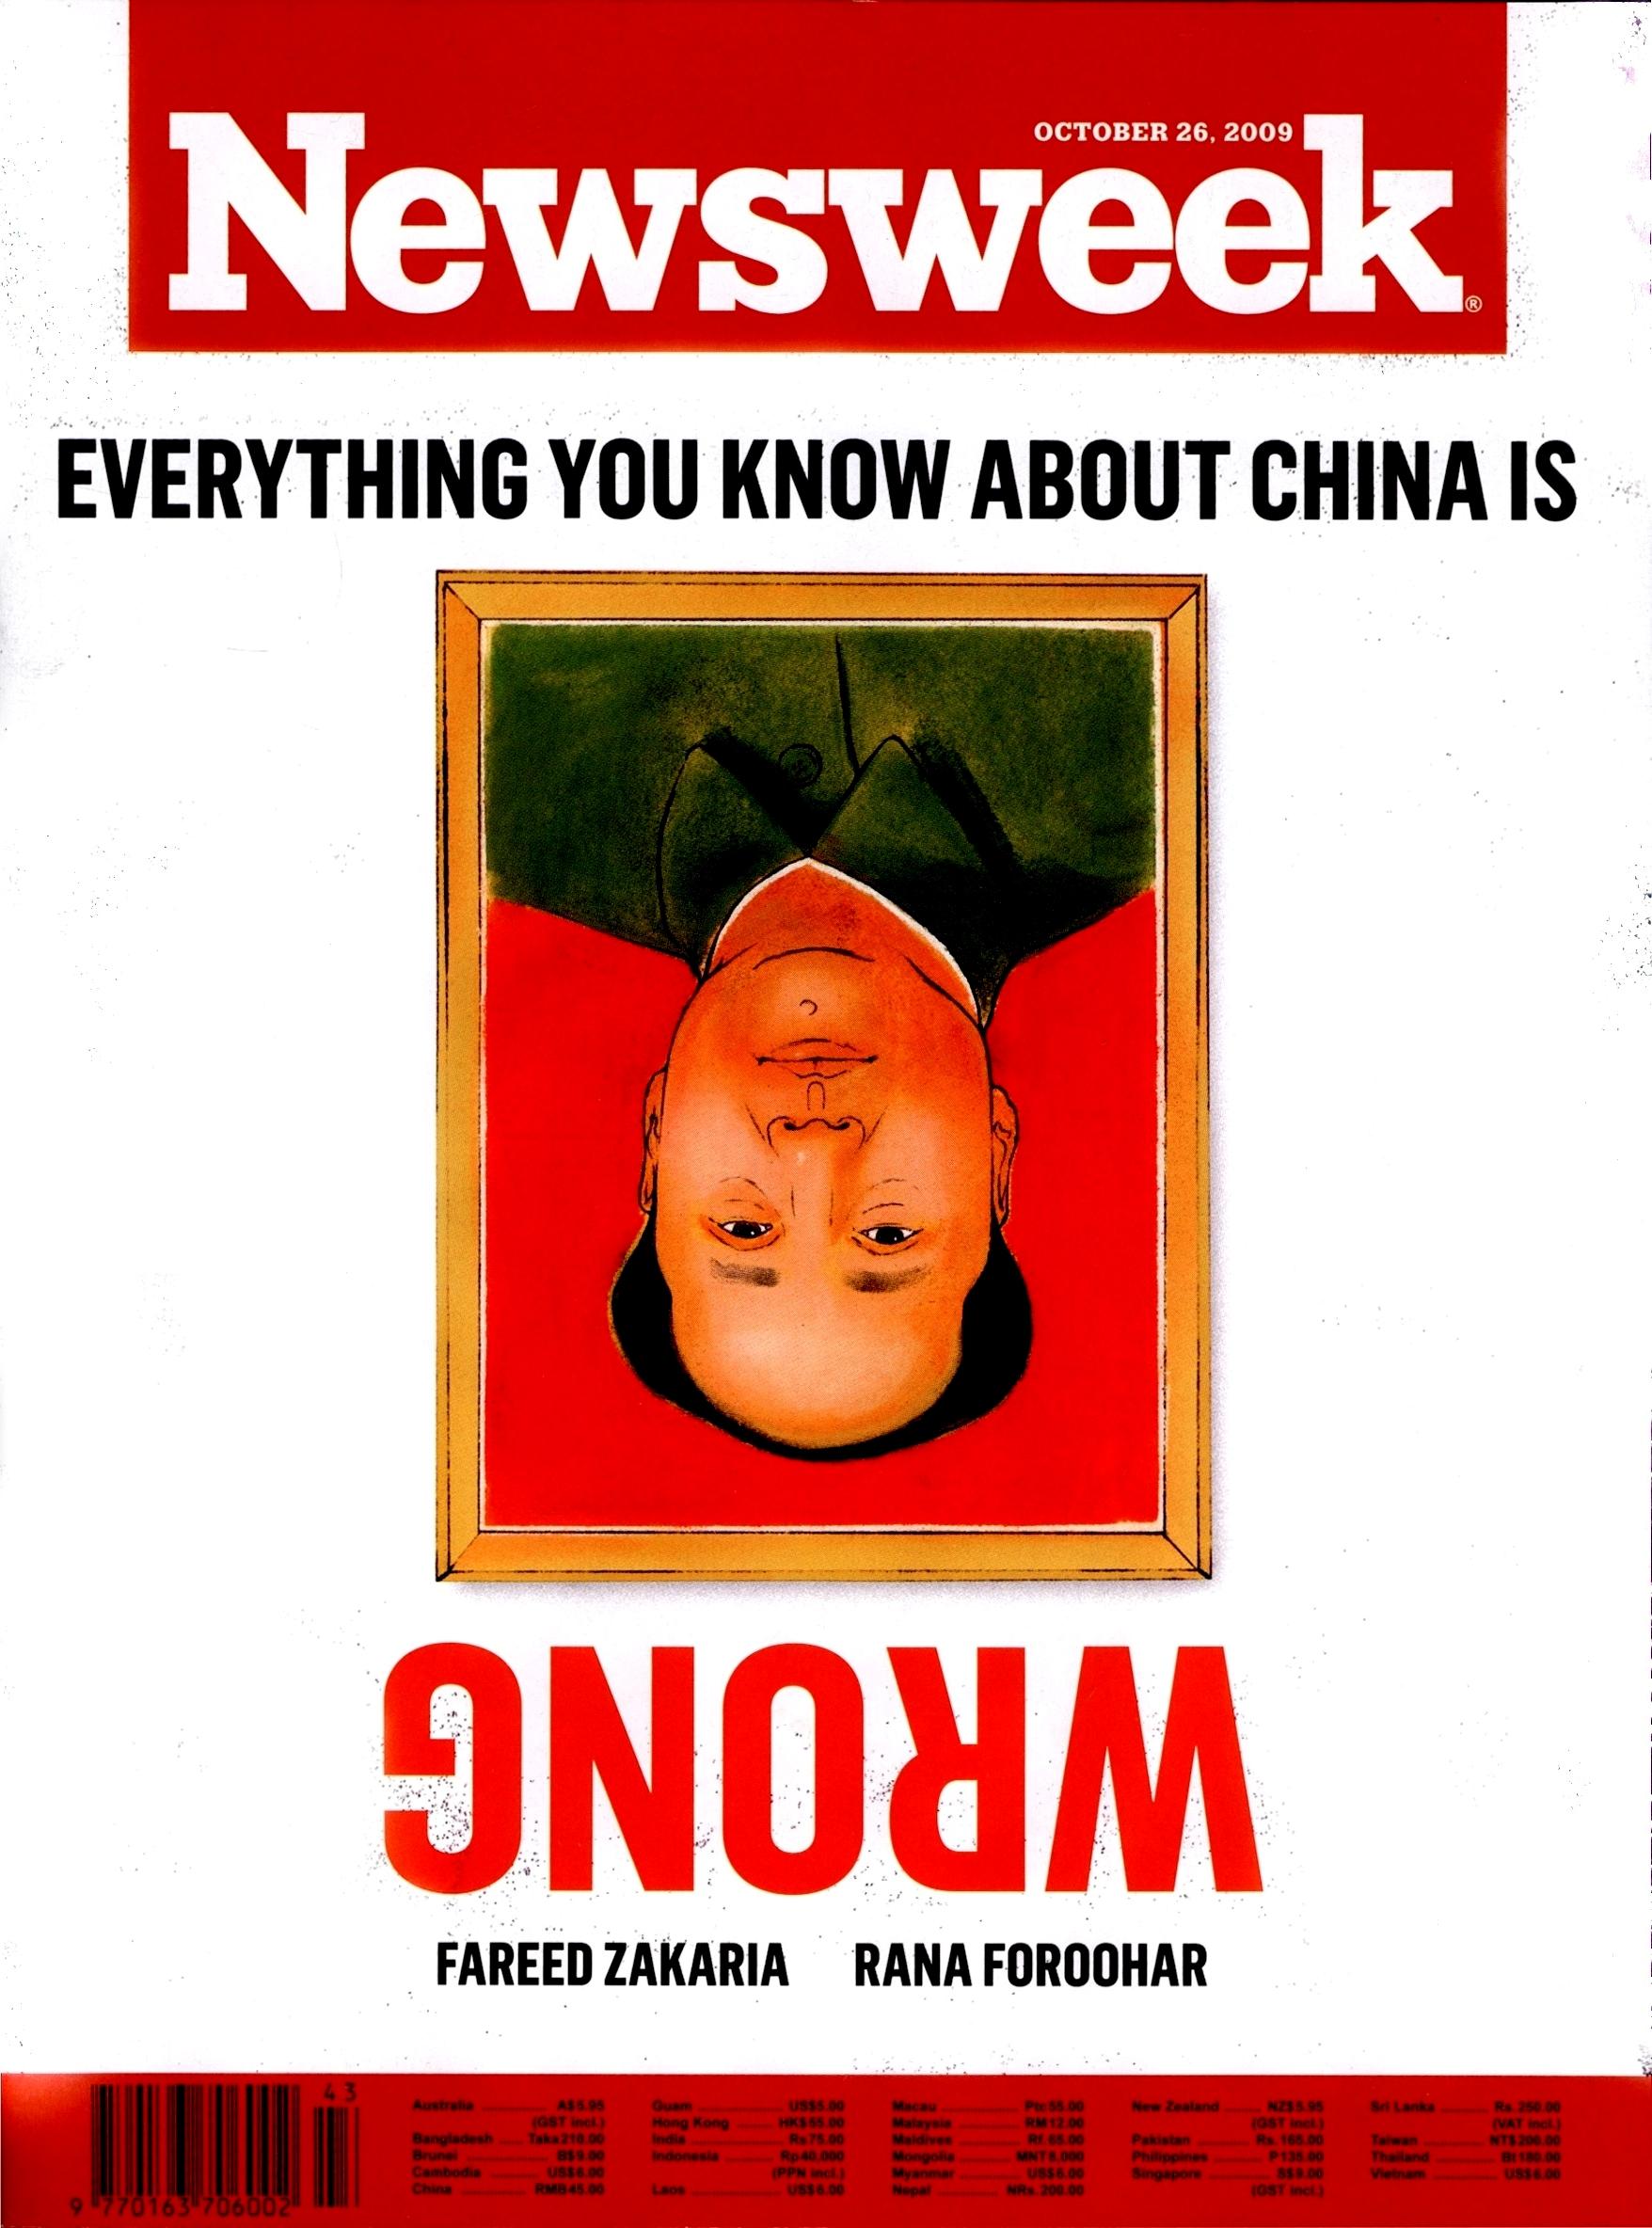 Newsweek magazine cover